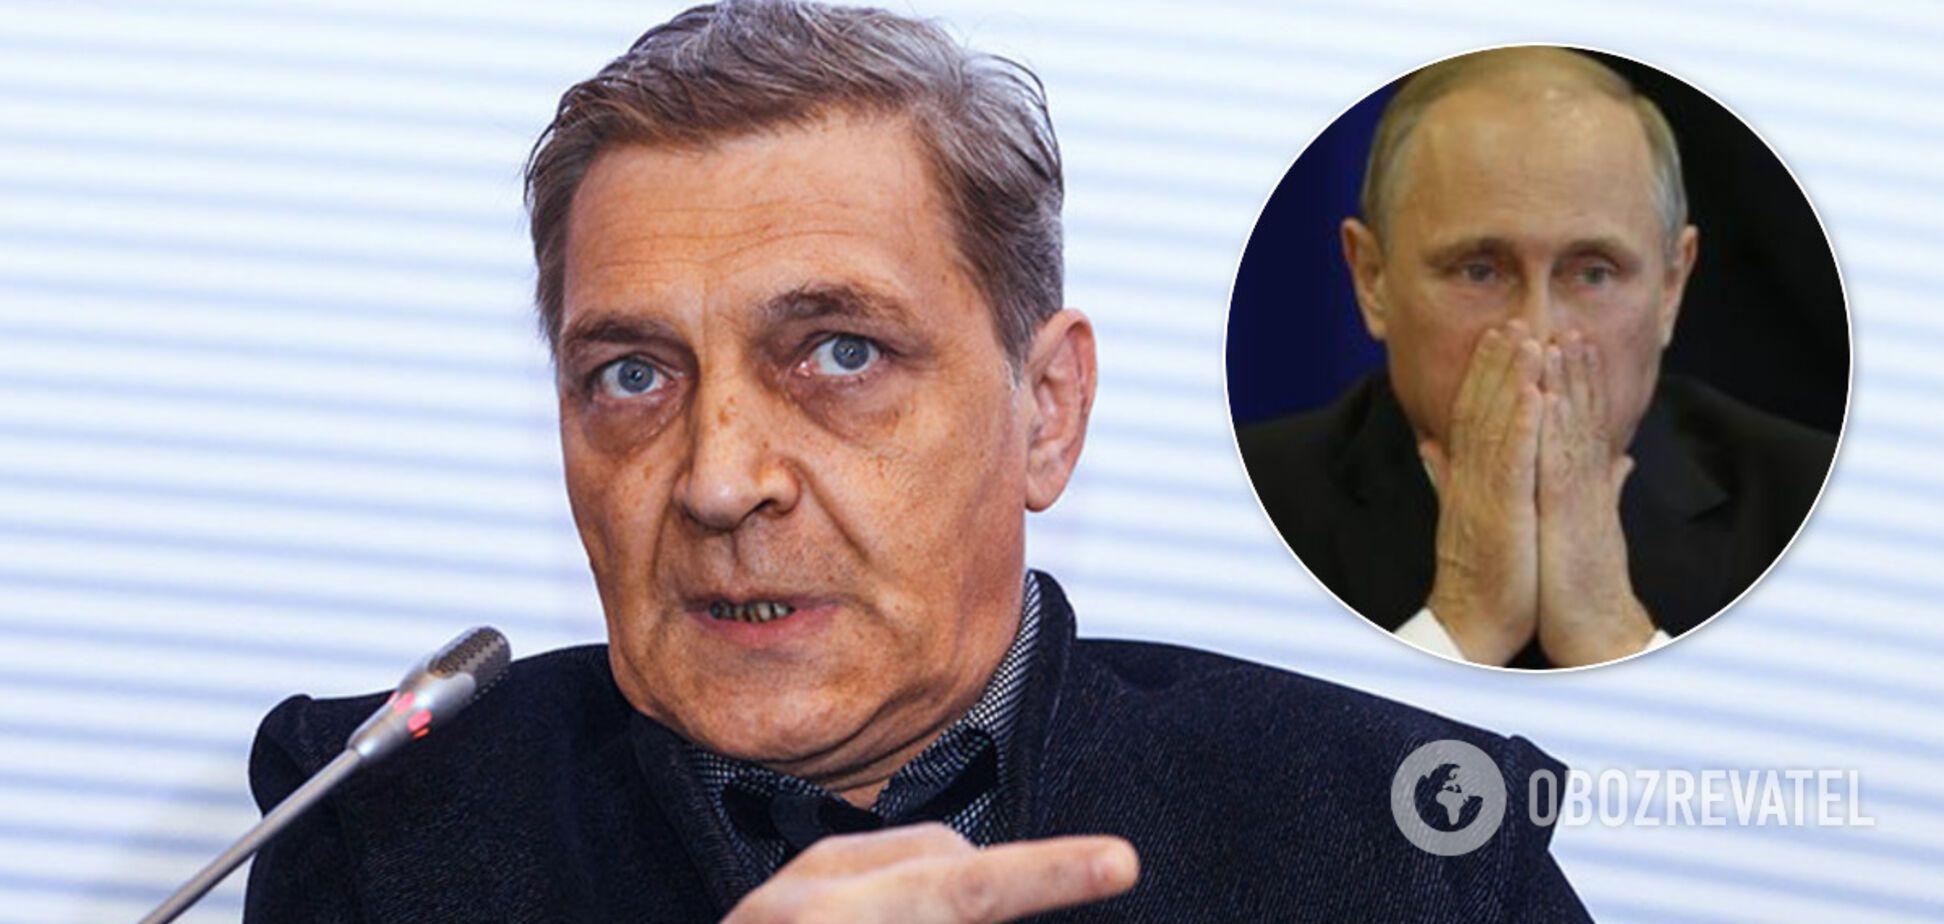 Украине будет хуже: Невзоров оценил уход Суркова с Донбасского направления